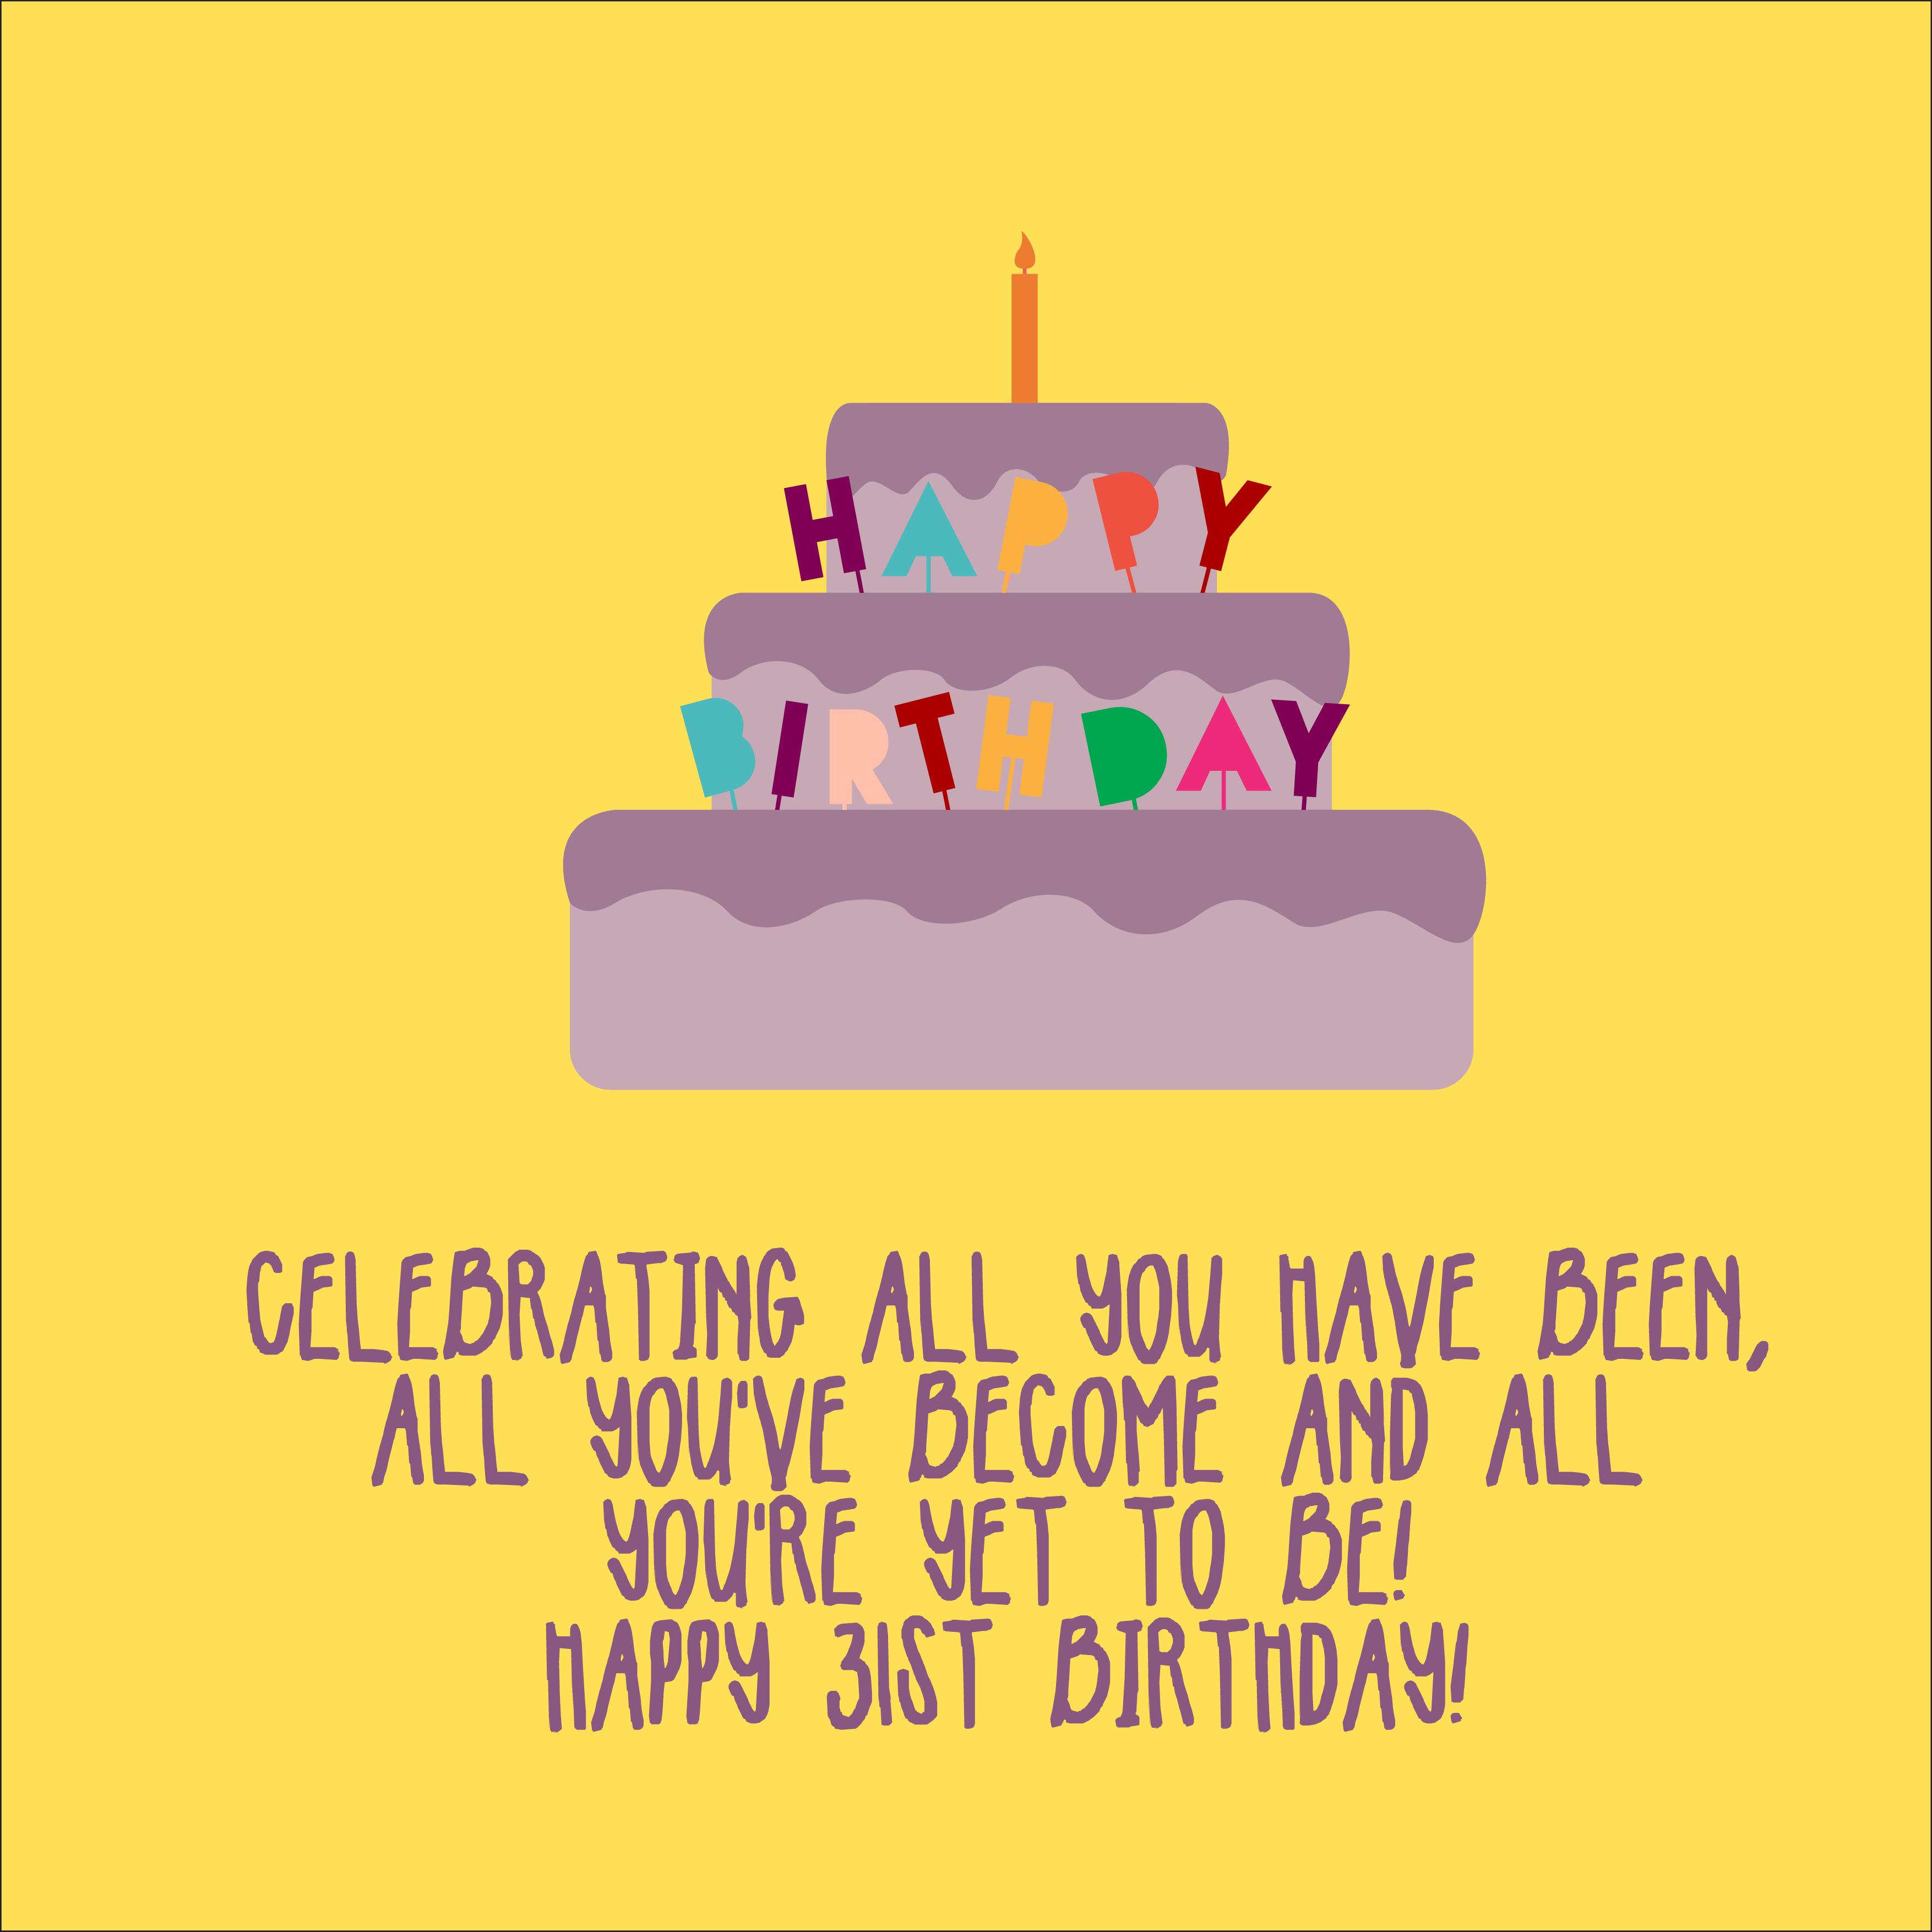 happy-31st-birthday-wishes-01